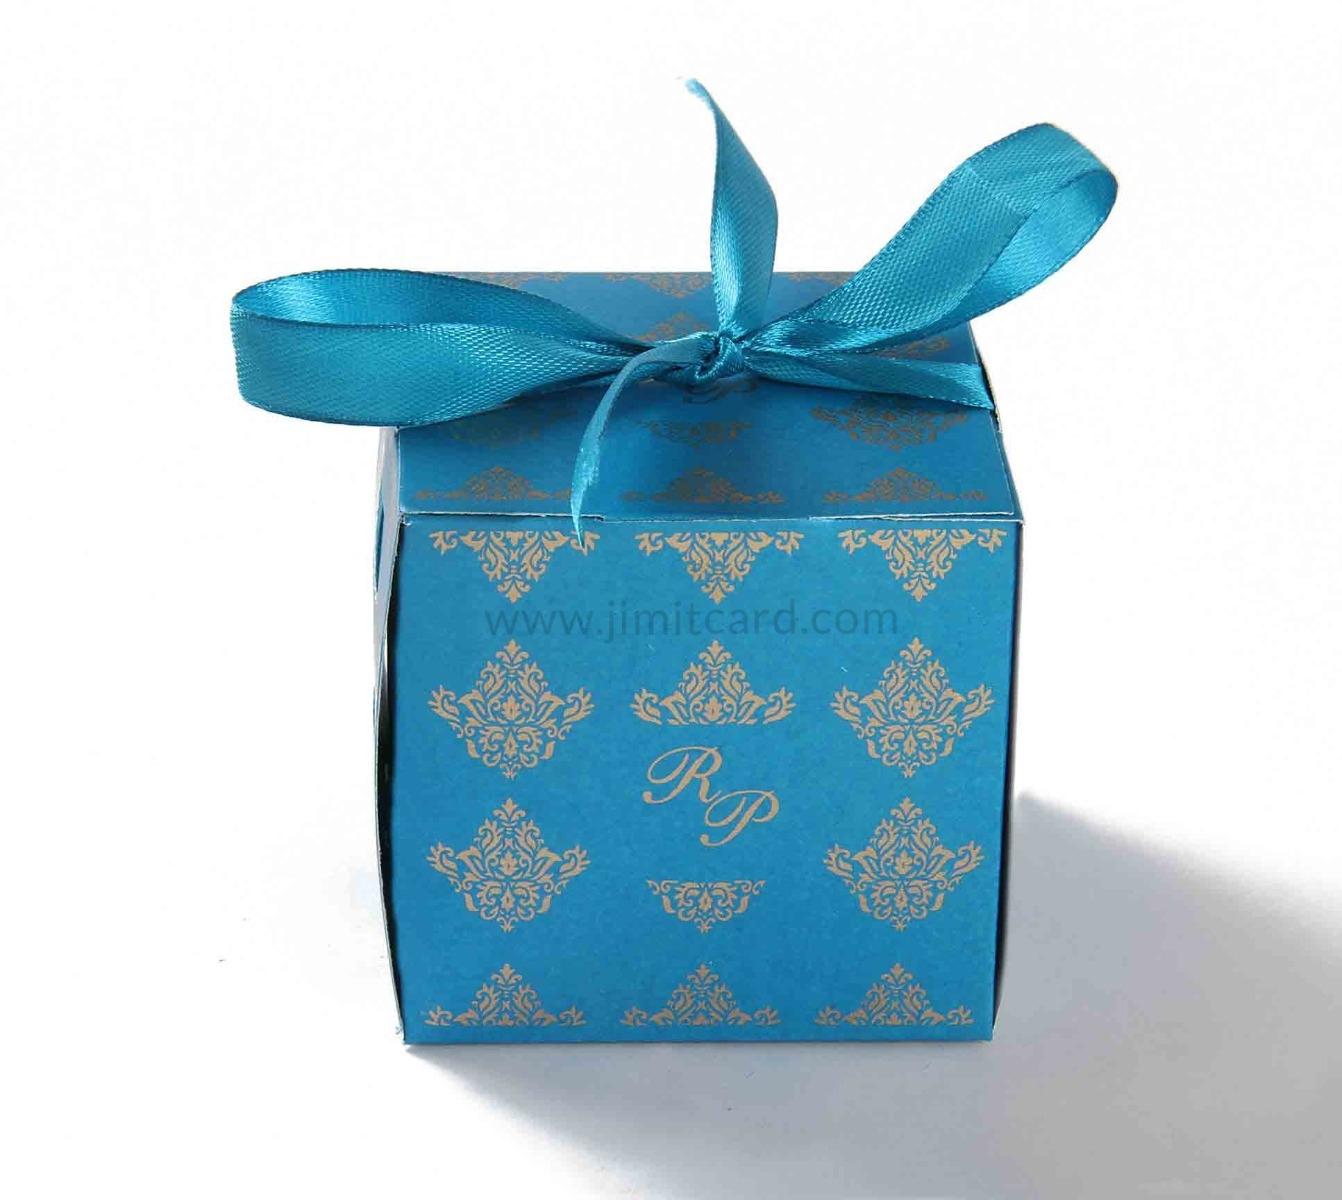 Bow Top Cube Favor Box No 5 - Firoze Blue-8533